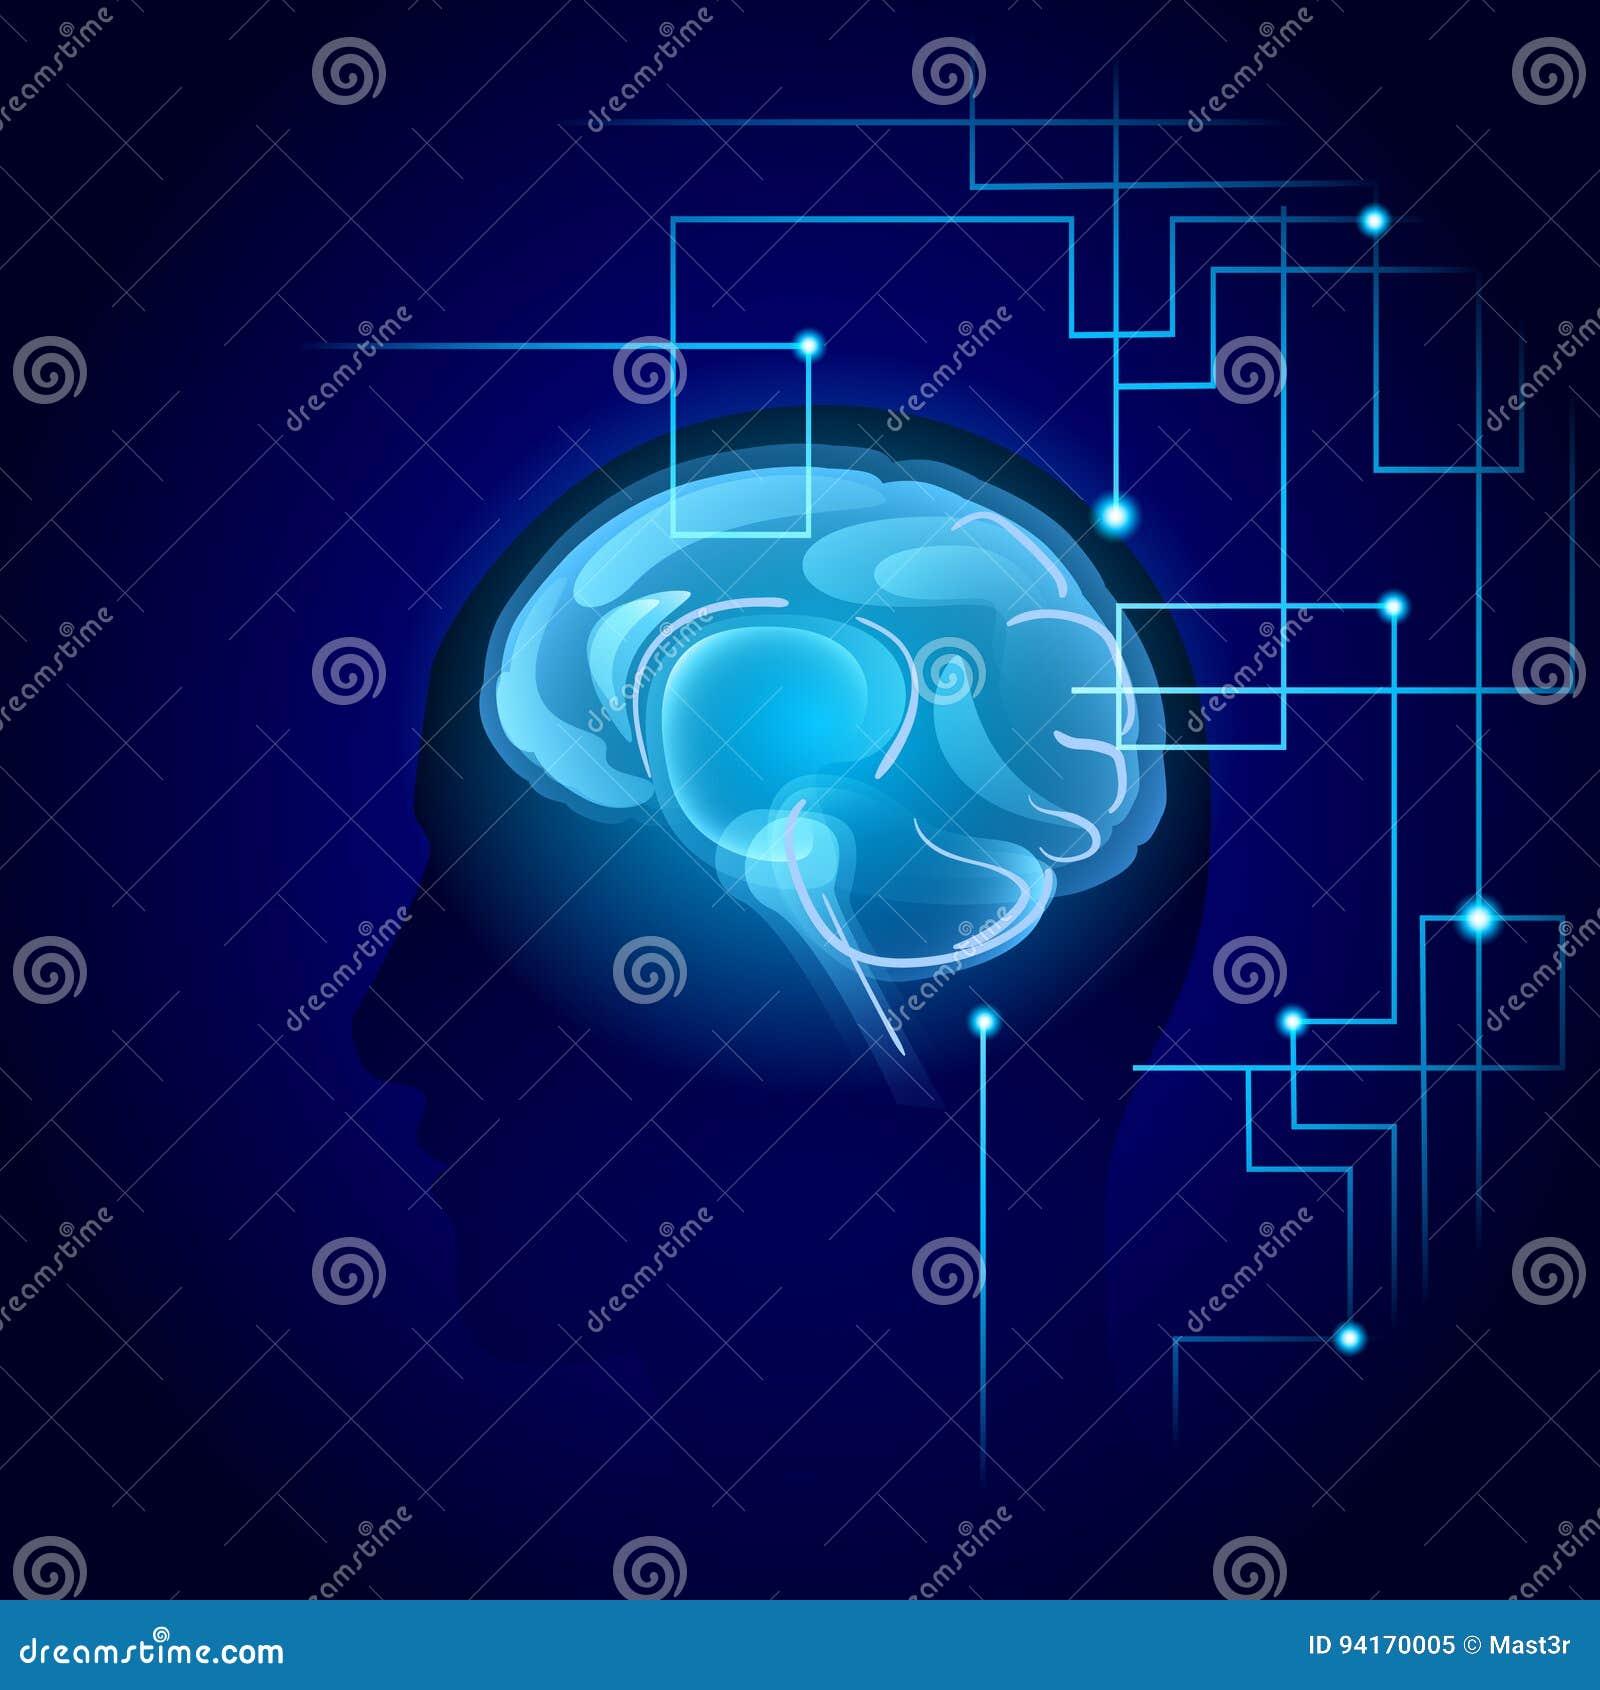 Brain neurons activity bandeira de pensamento do conceito da download brain neurons activity bandeira de pensamento do conceito da inteligncia da medicina com espao ccuart Image collections